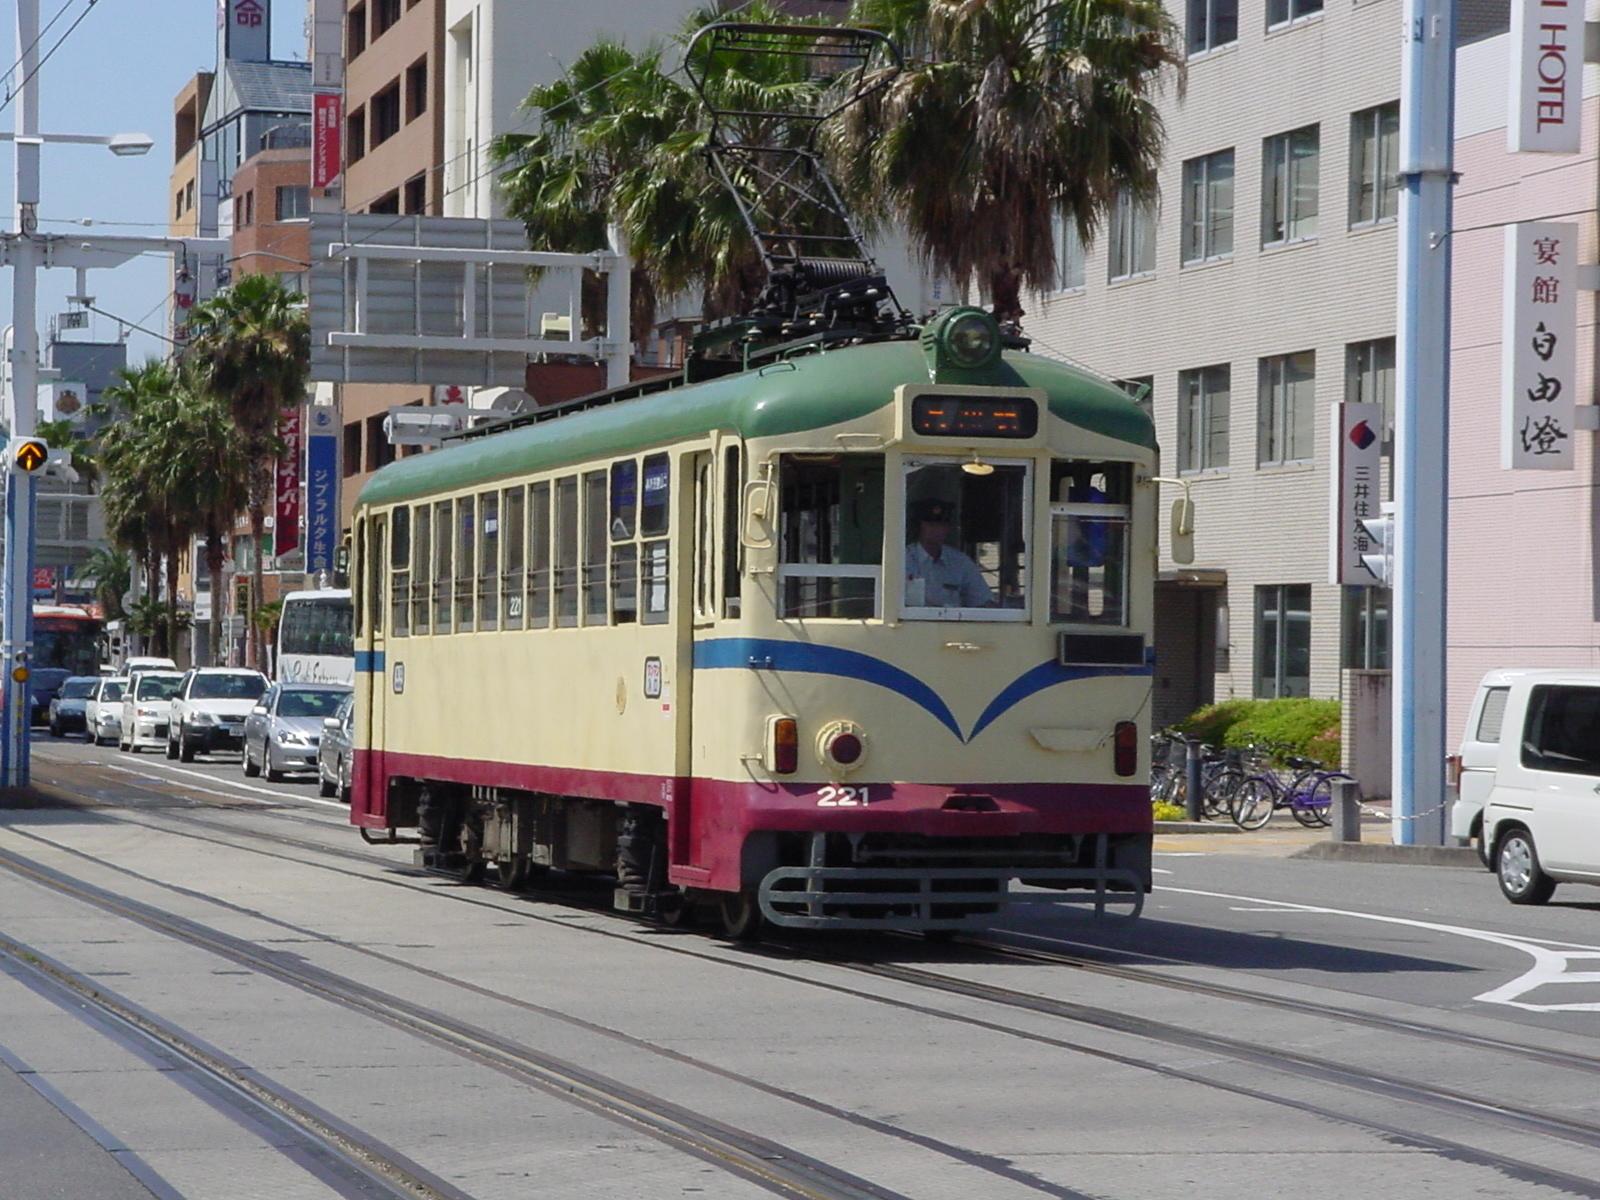 現存する日本最古の路面電車「土佐電気鉄道」(とさでん)(高知駅前~はりまや橋~伊野町ほか)